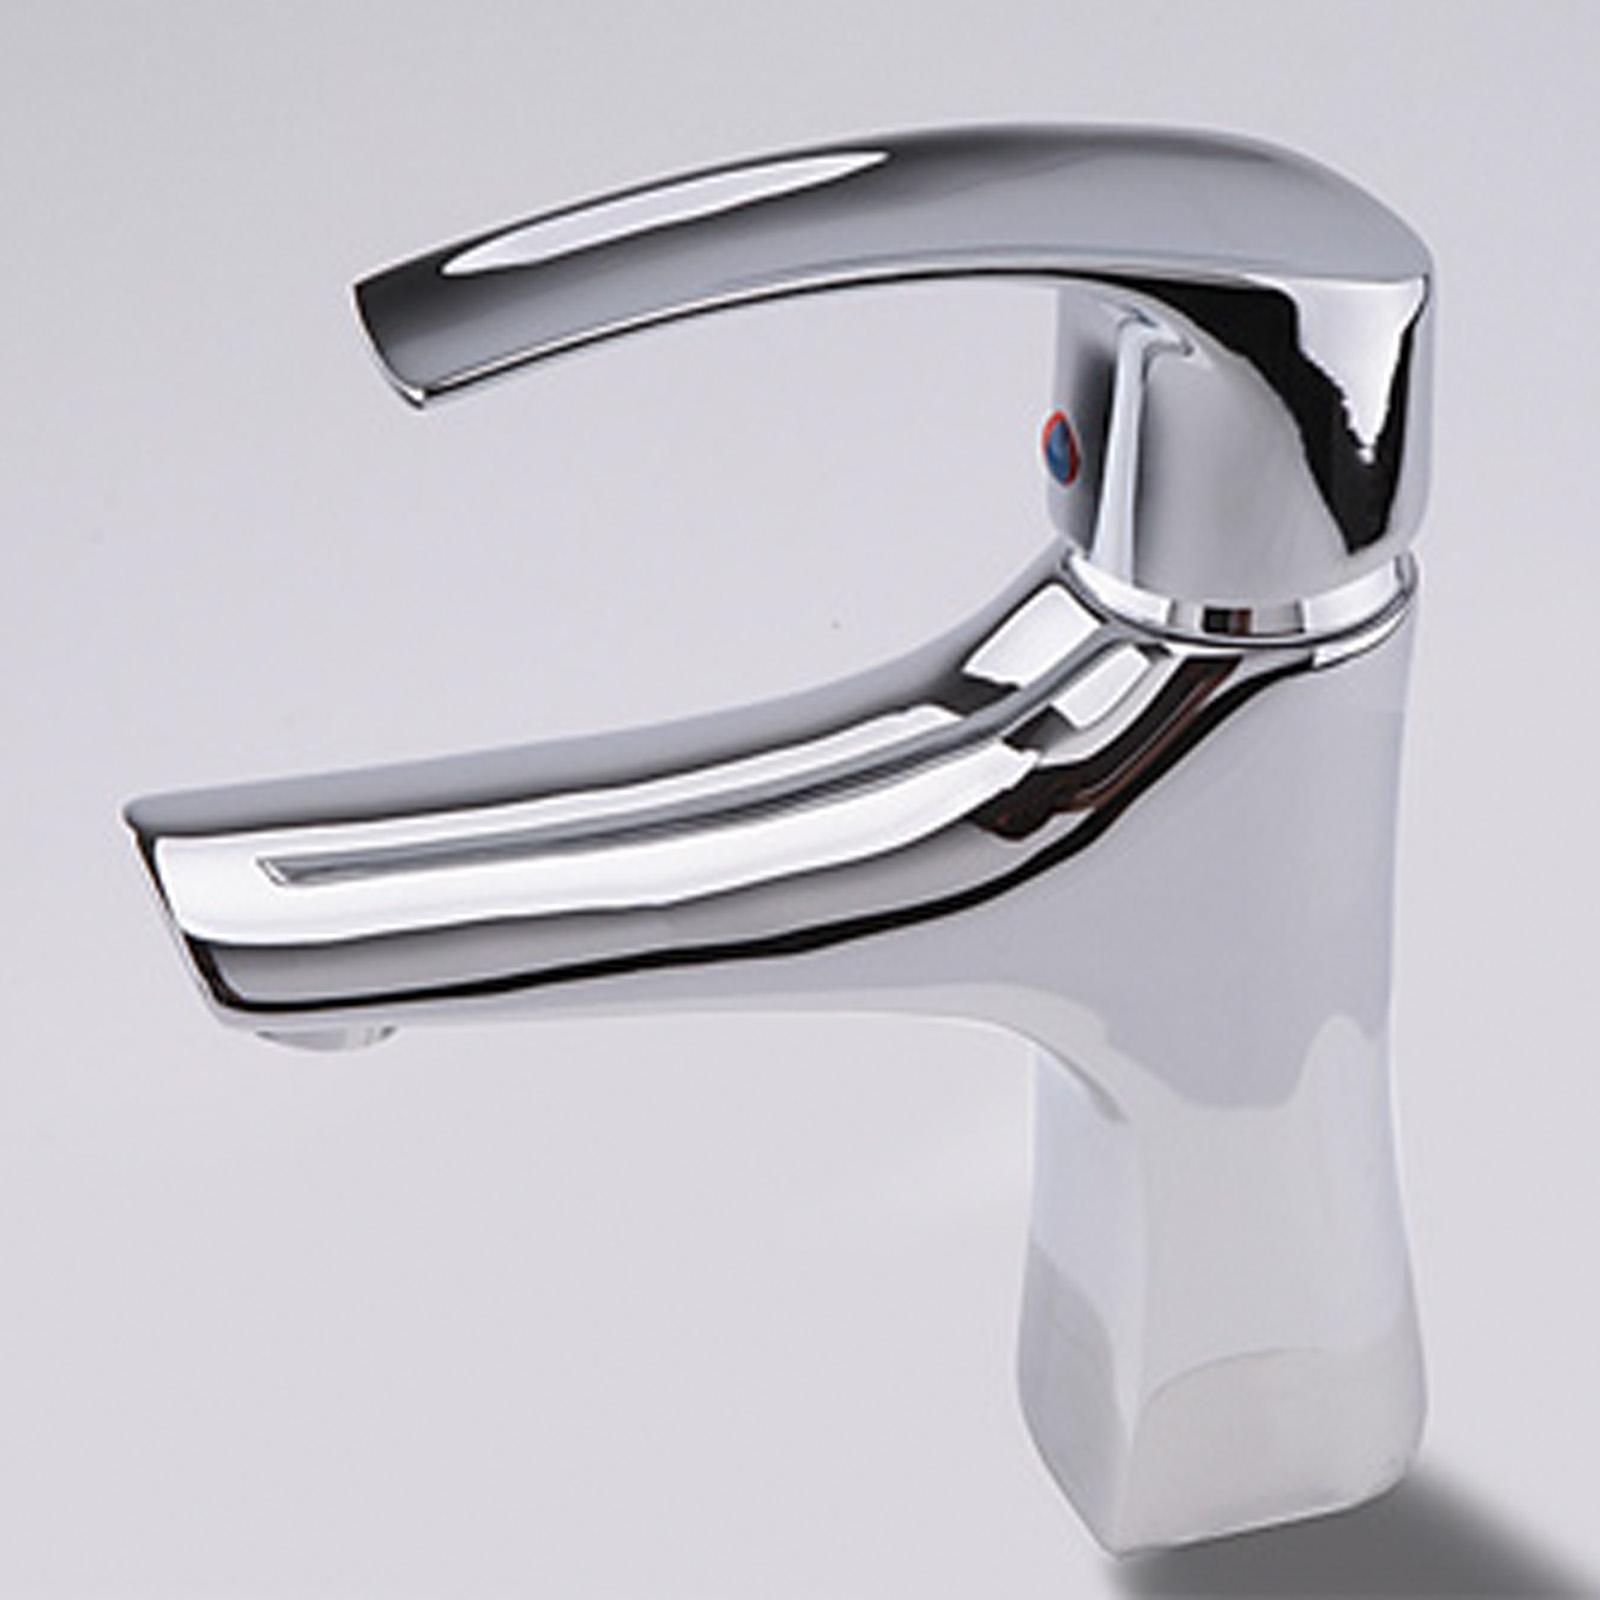 W45 waschtisch armatur wasserhahn waschbecken bad kuche for Wasserkran küche